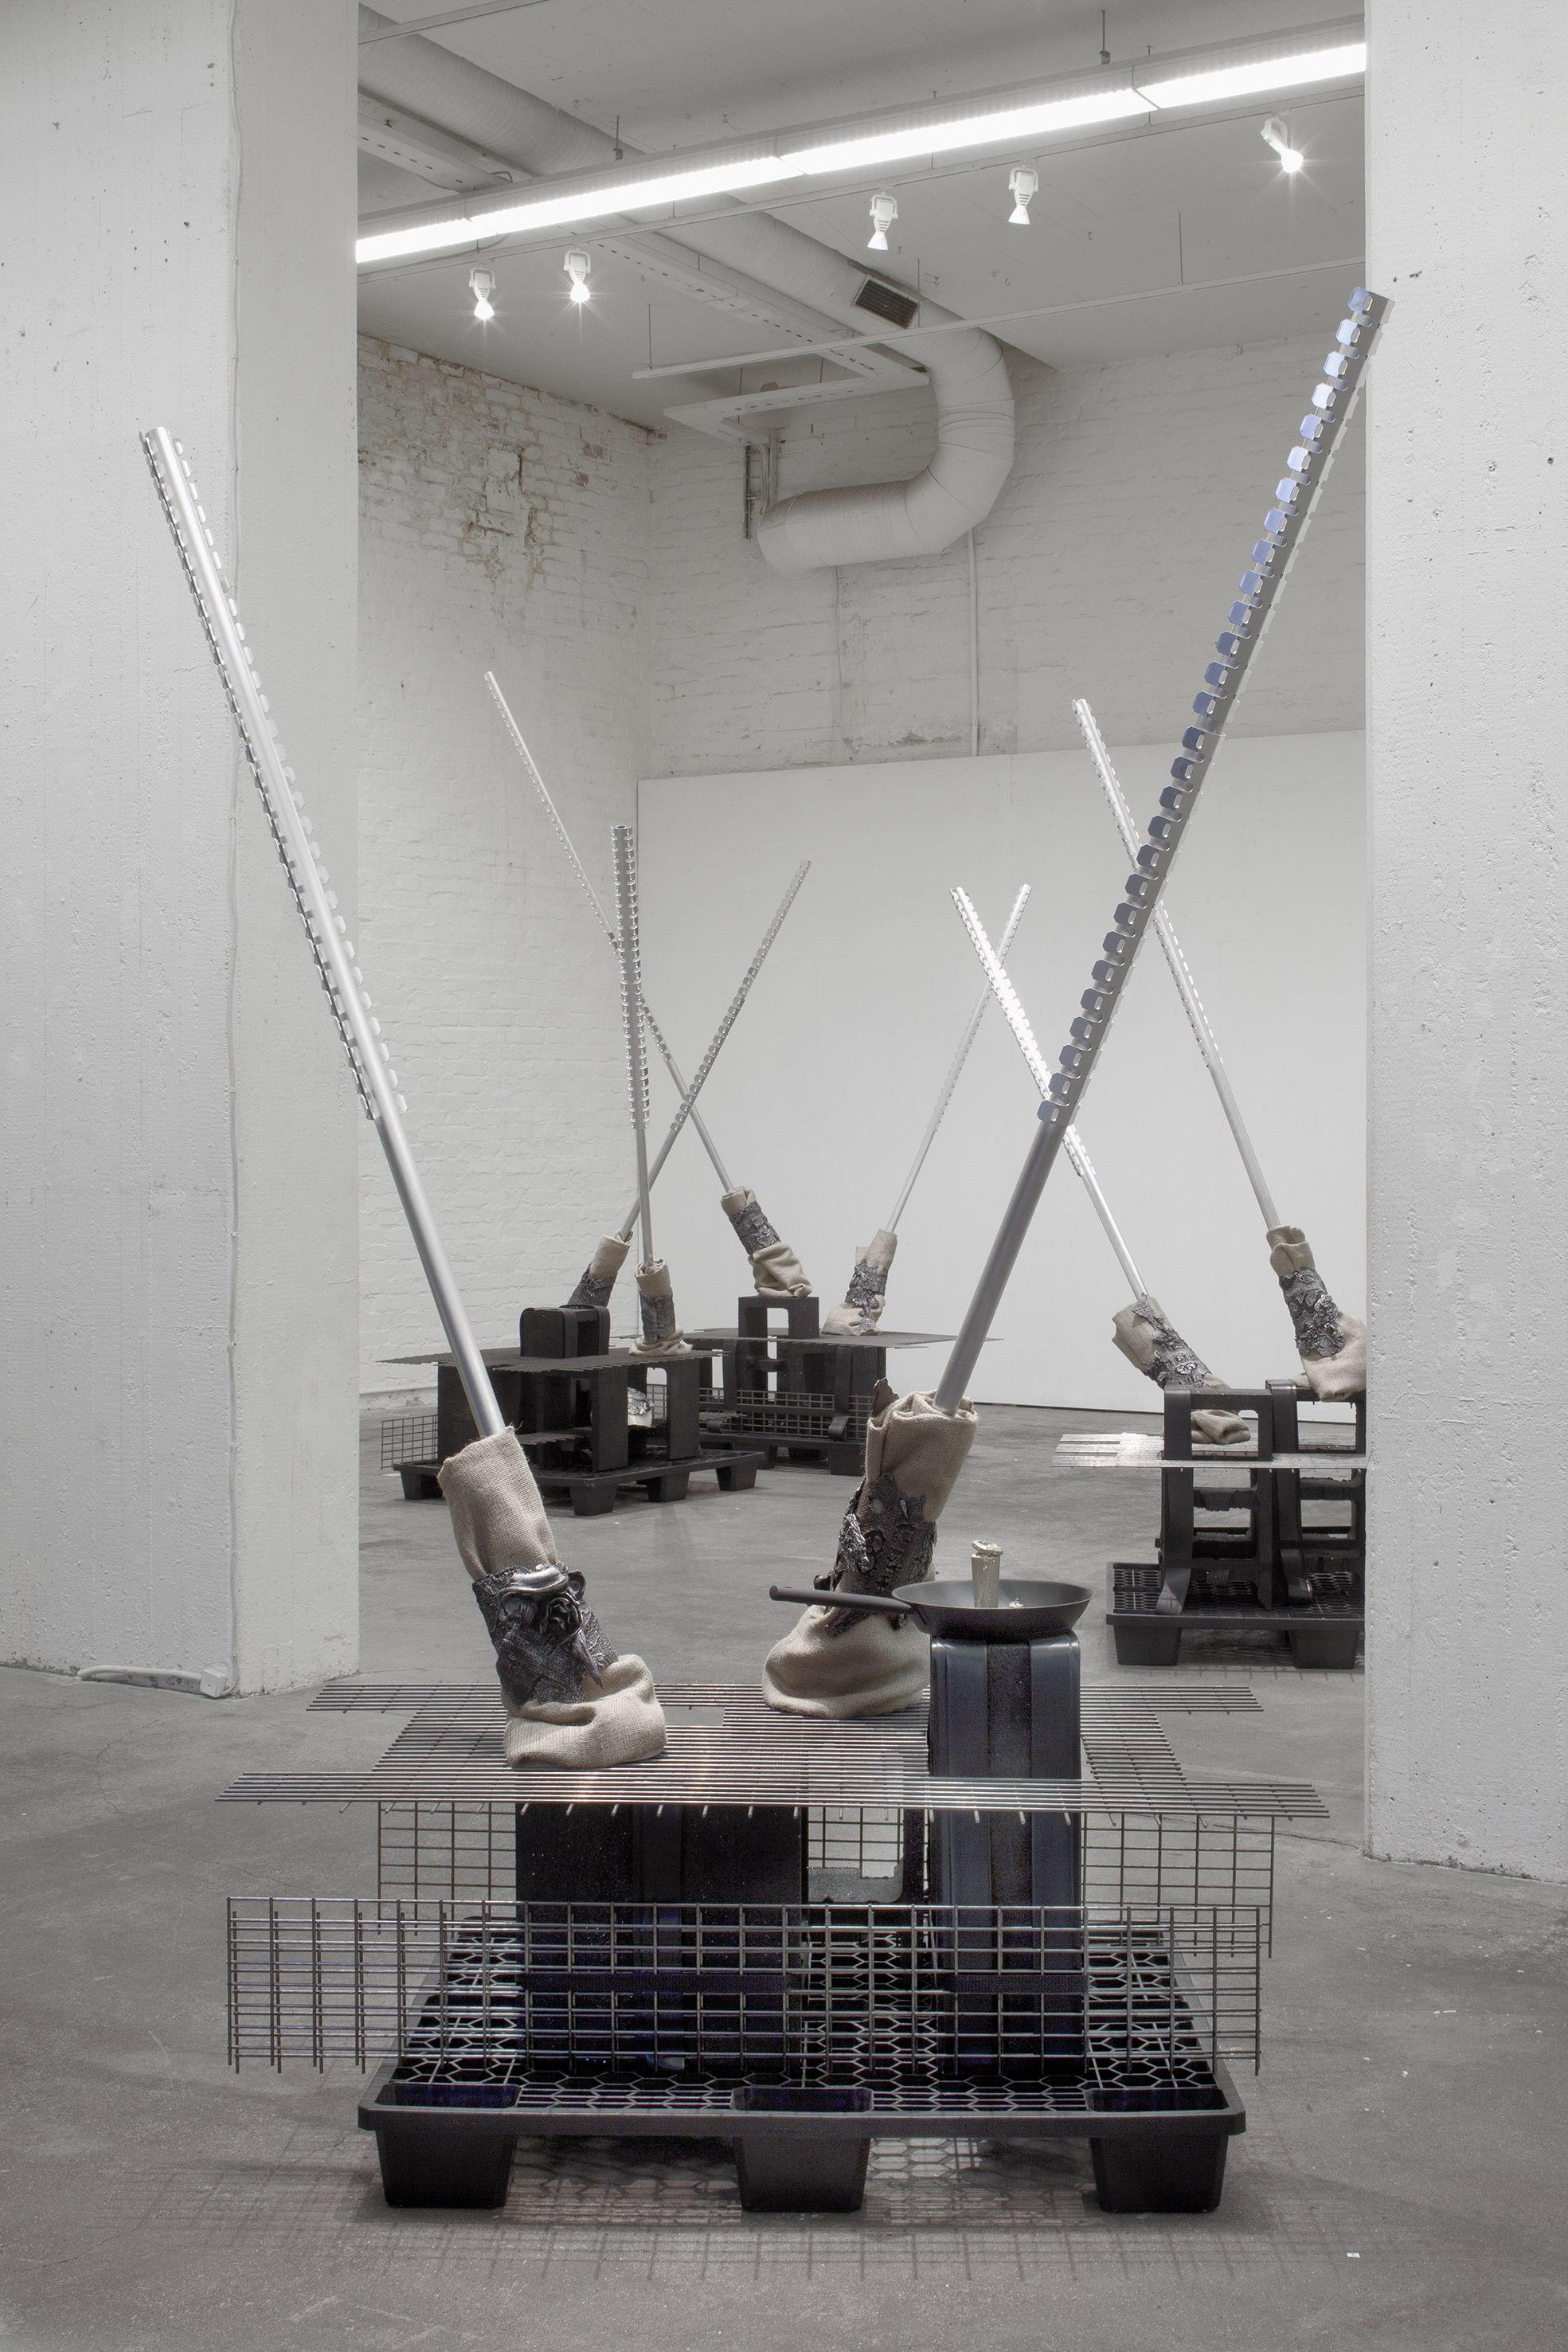 Riikka Puronen: Debbie & Mick, 2012, installation view